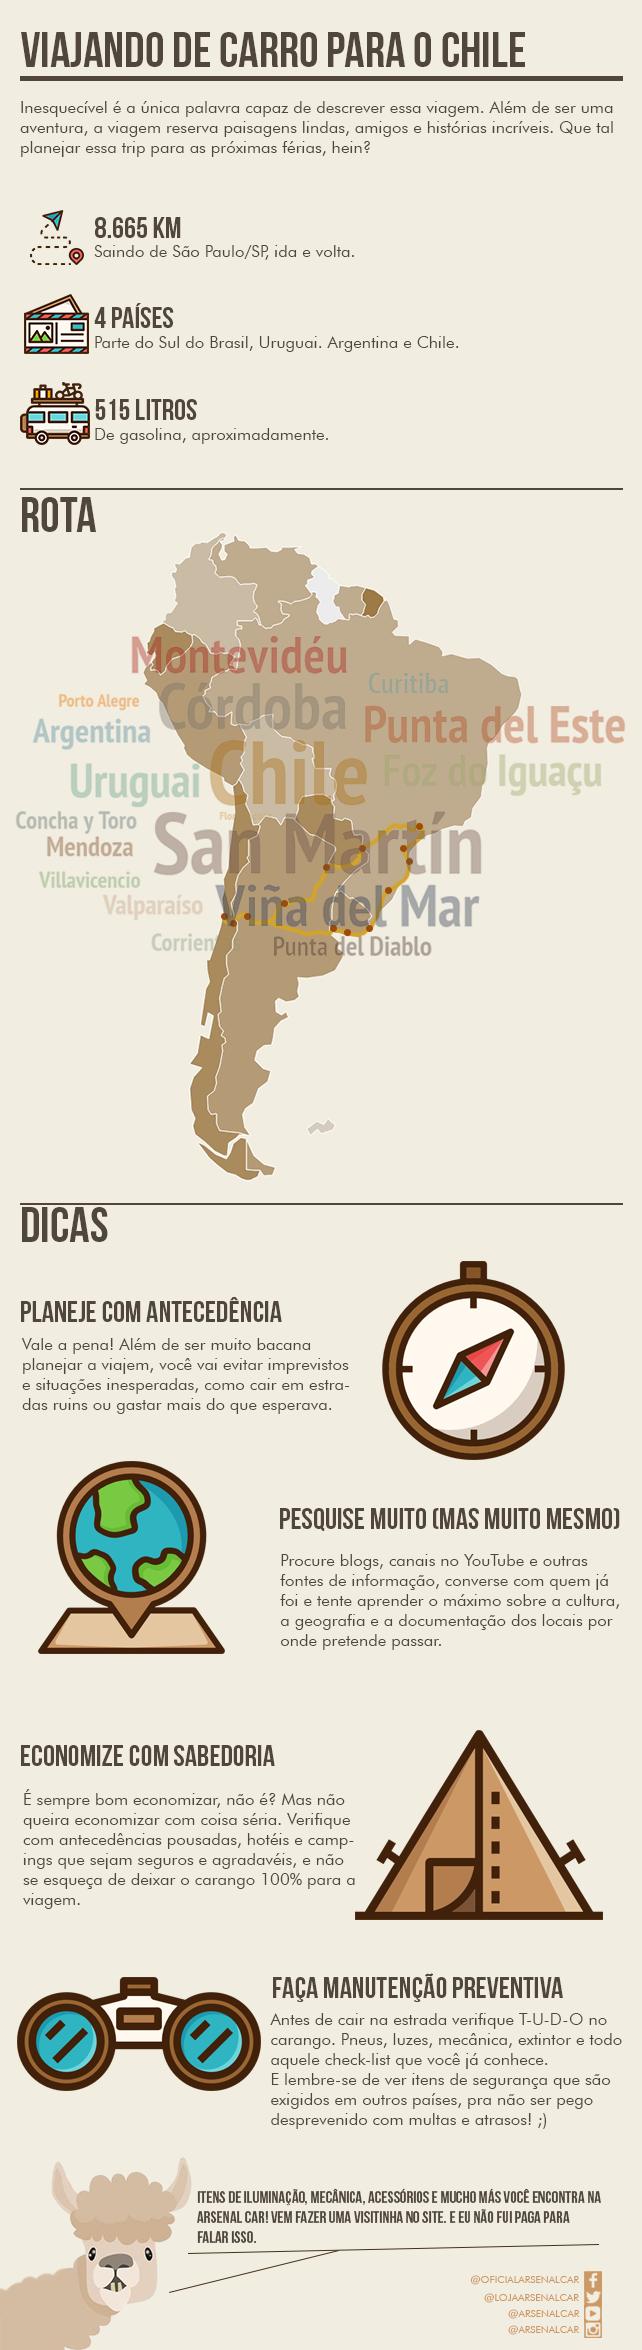 infografico_chile